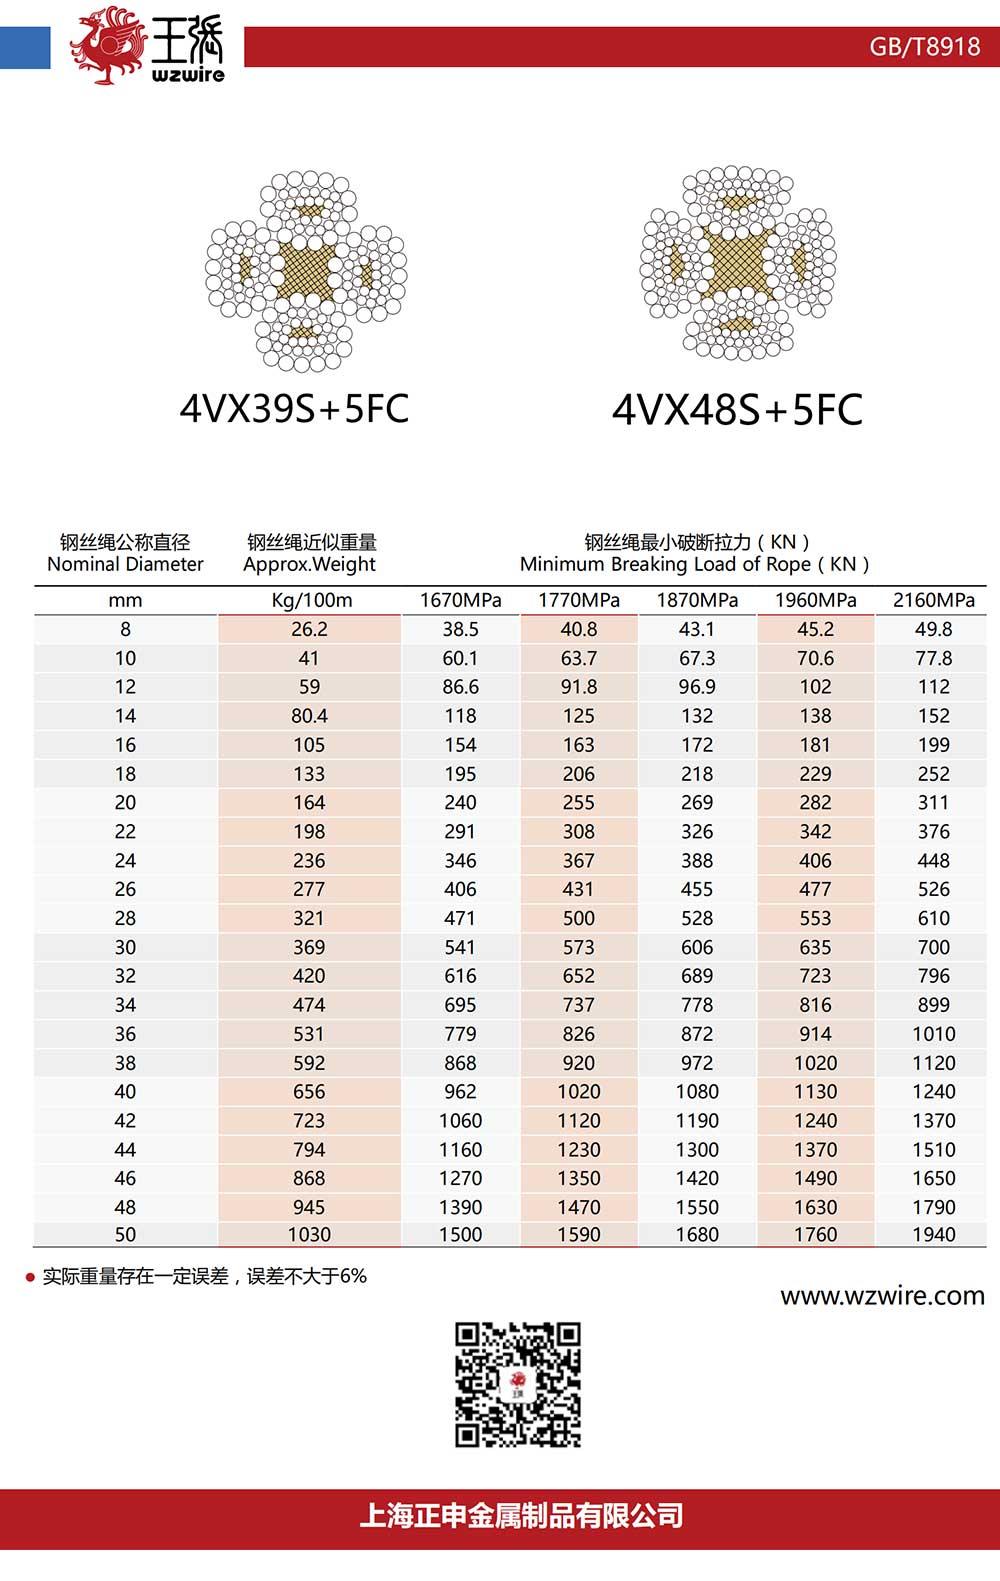 鋼絲繩4VX39S+5FC、4VX48S+5FC價格,鋼絲繩4VX39S+5FC、4VX48S+5FC批發,鋼絲繩4VX39S+5FC、4VX48S+5FC公司